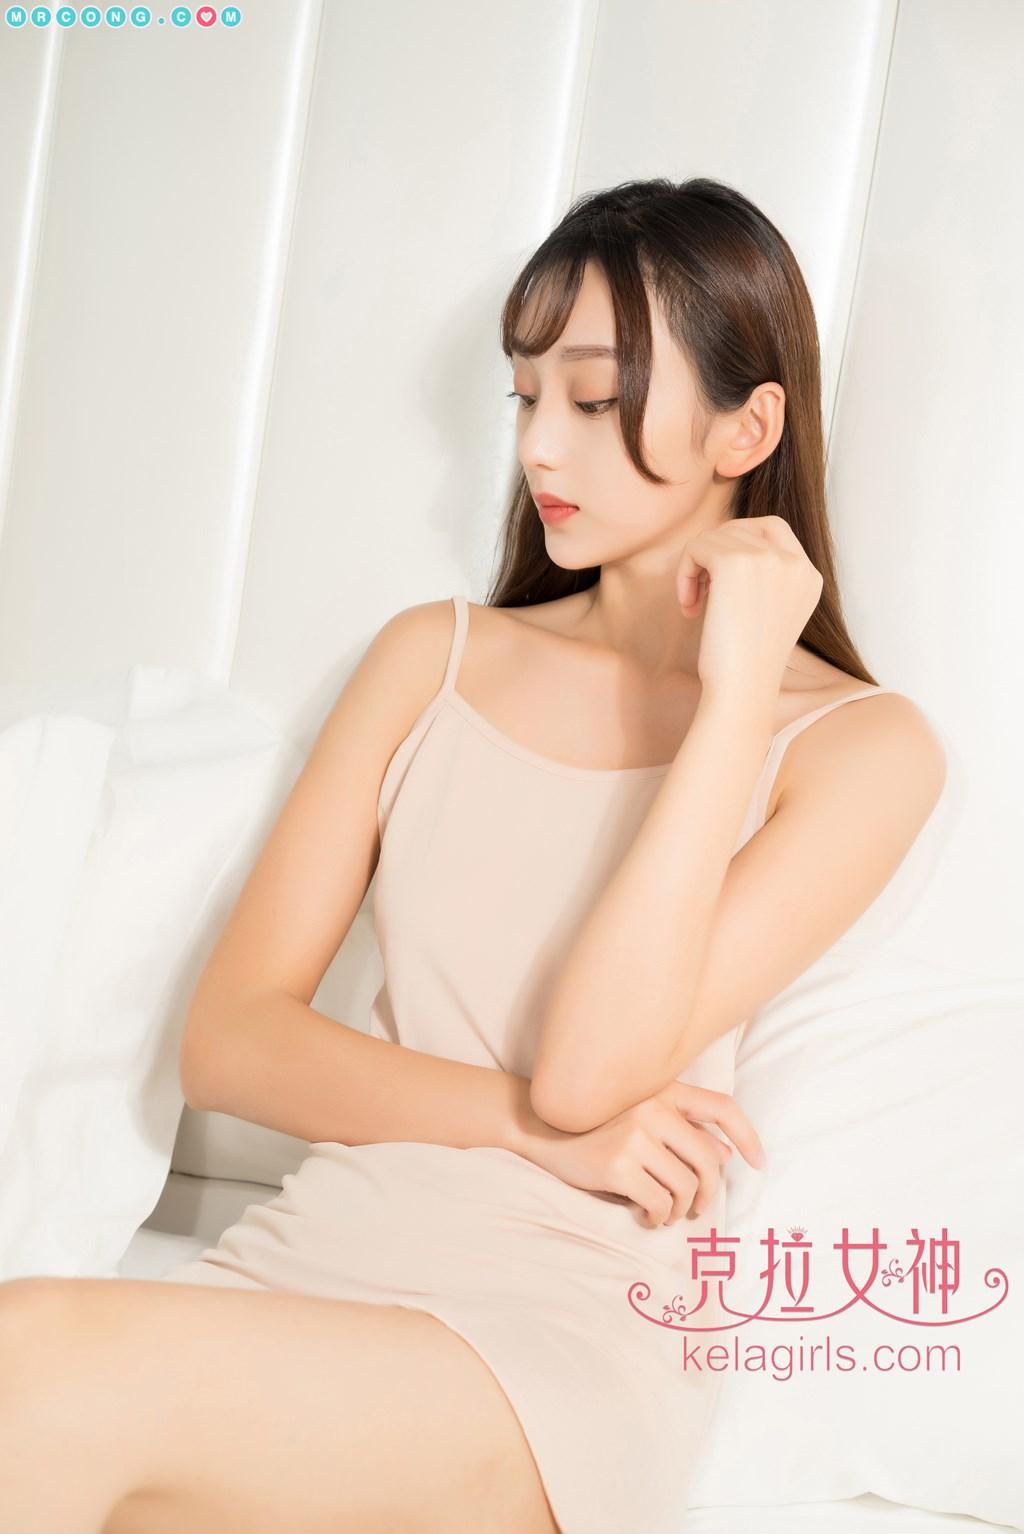 Image KelaGirls-2017-10-16-Shuang-Er-MrCong.com-021 in post KelaGirls 2017-10-16: Người mẫu Shuang Er (爽儿) (24 ảnh)